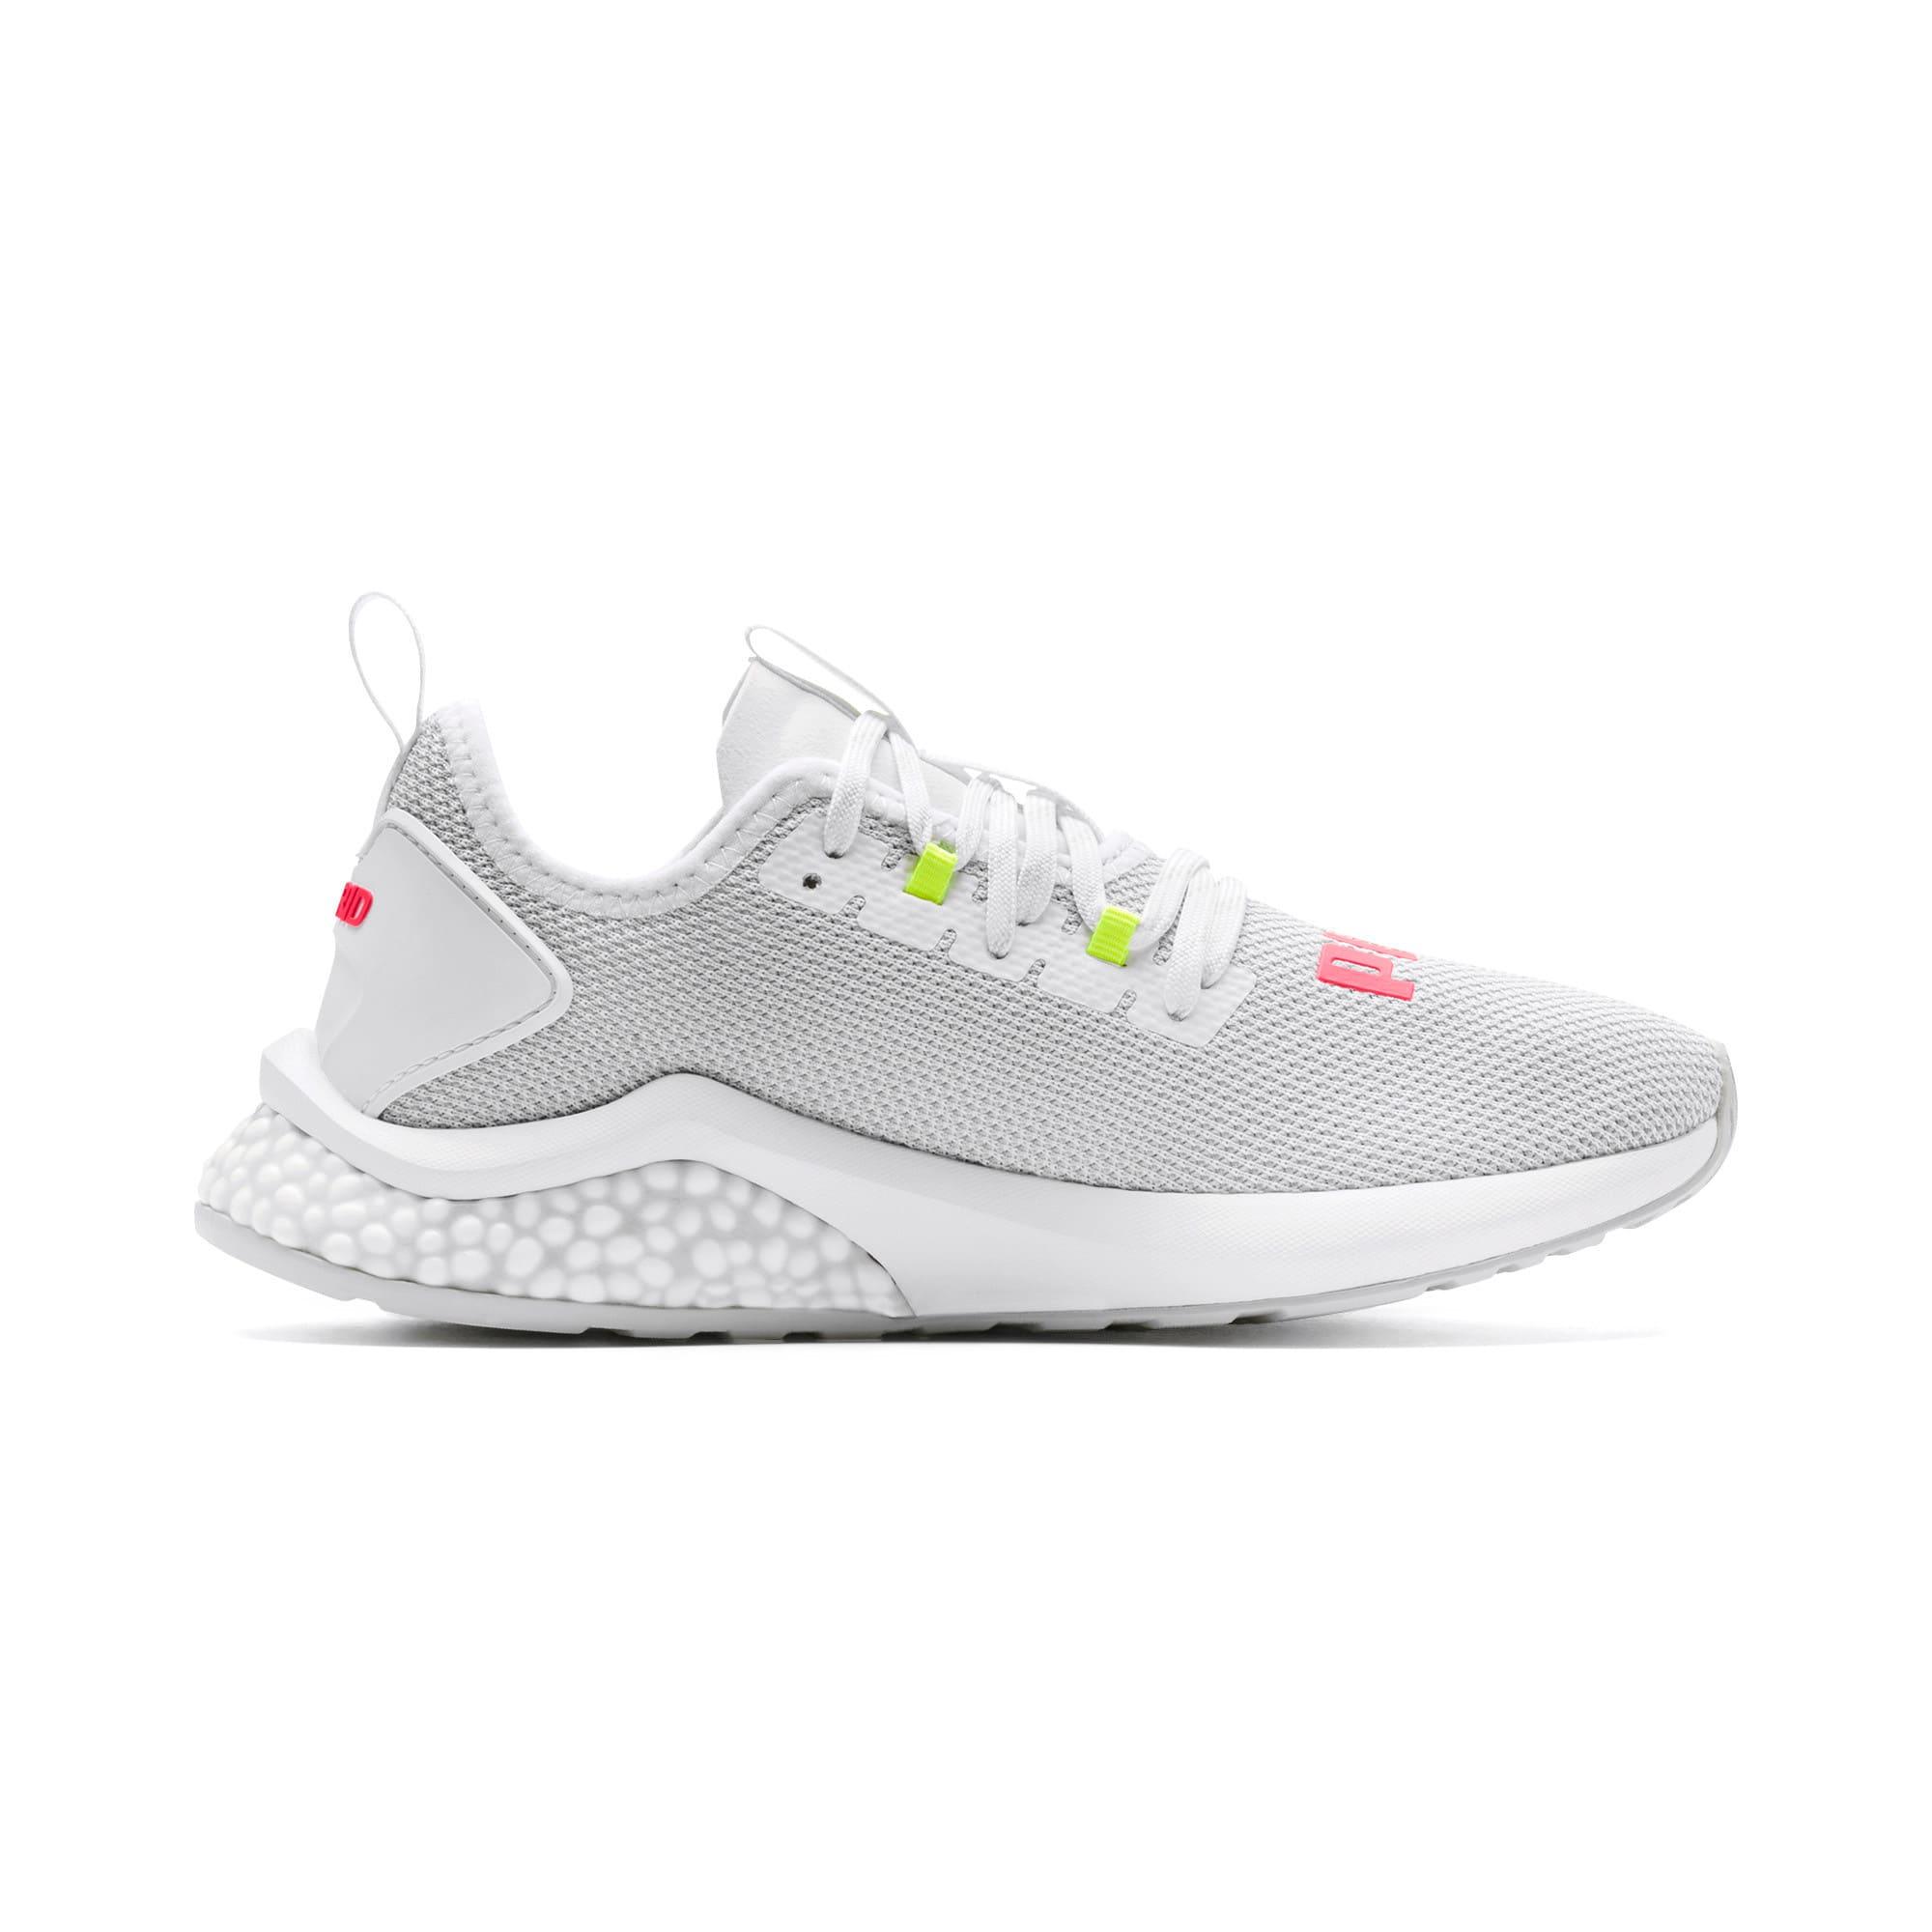 Thumbnail 6 van HYBRID NX hardloopschoenen voor vrouwen, Puma White-Pink Alert, medium